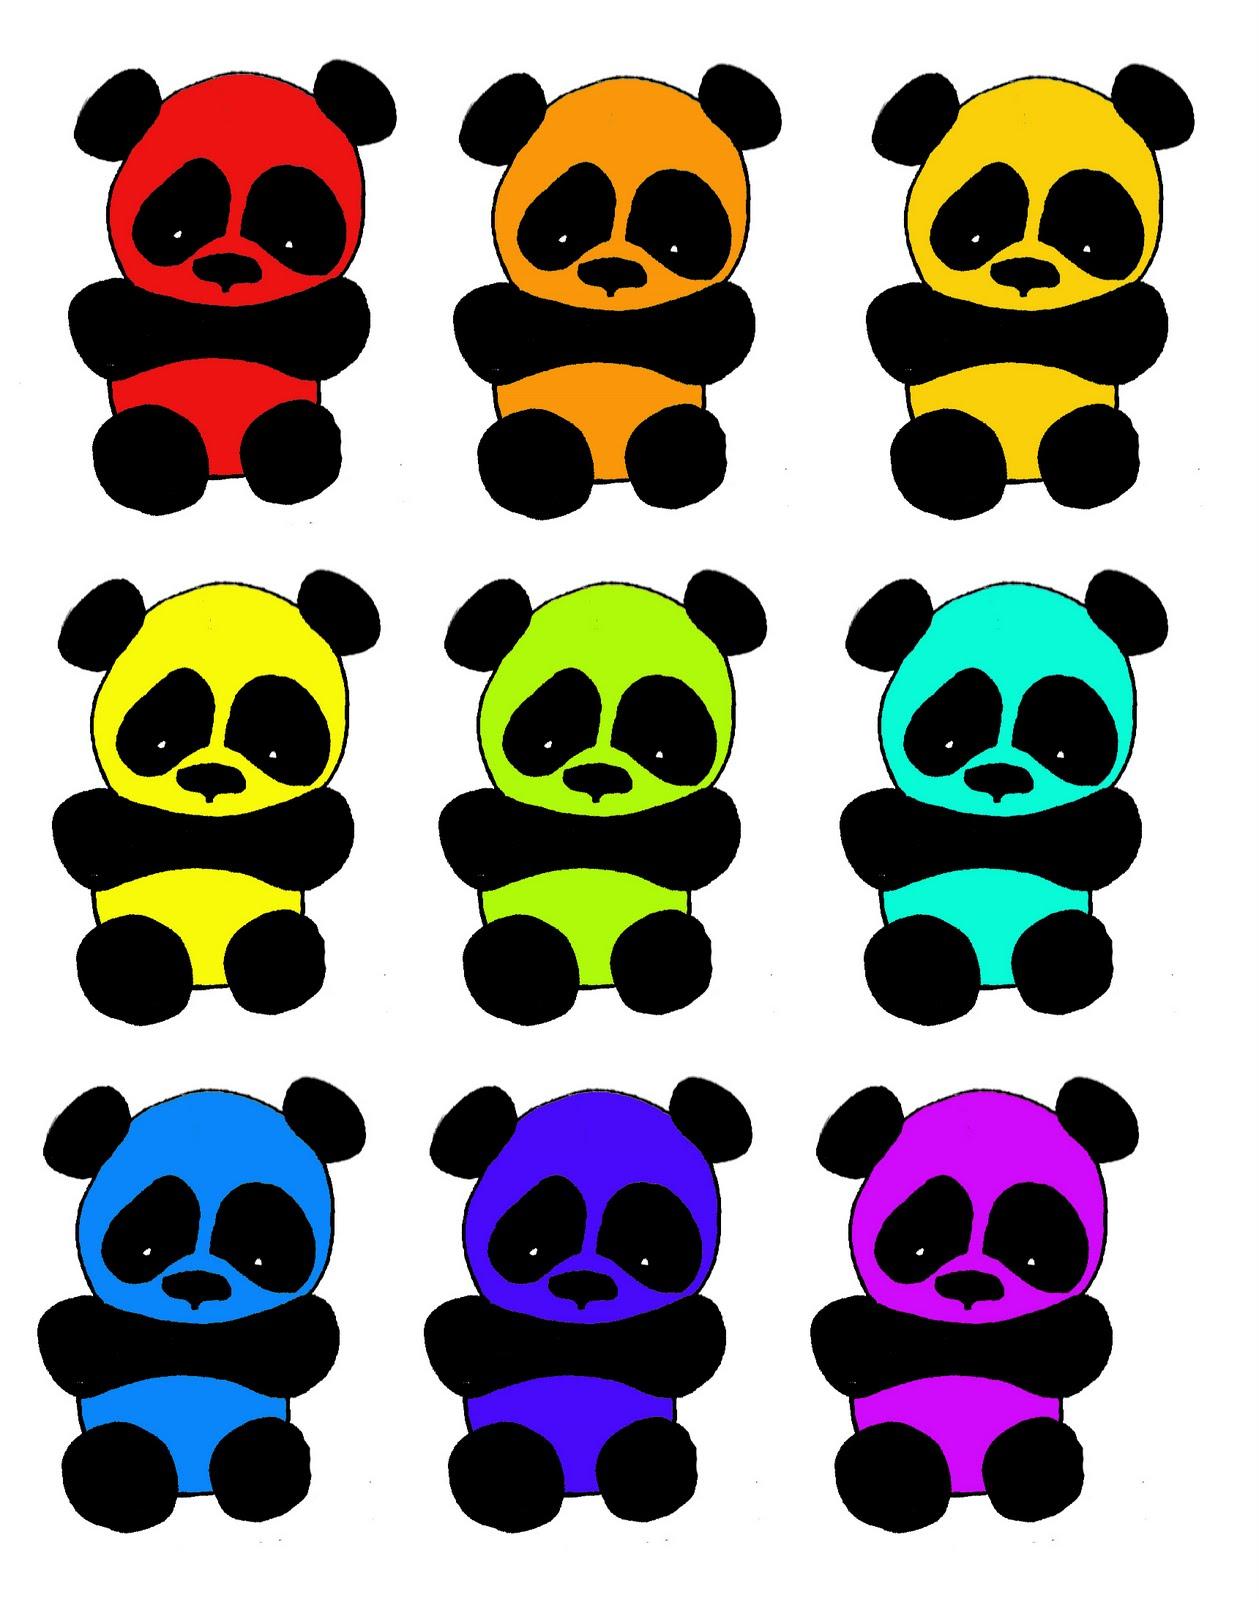 Dessins en couleurs imprimer panda num ro 108800 - Image de panda a imprimer ...